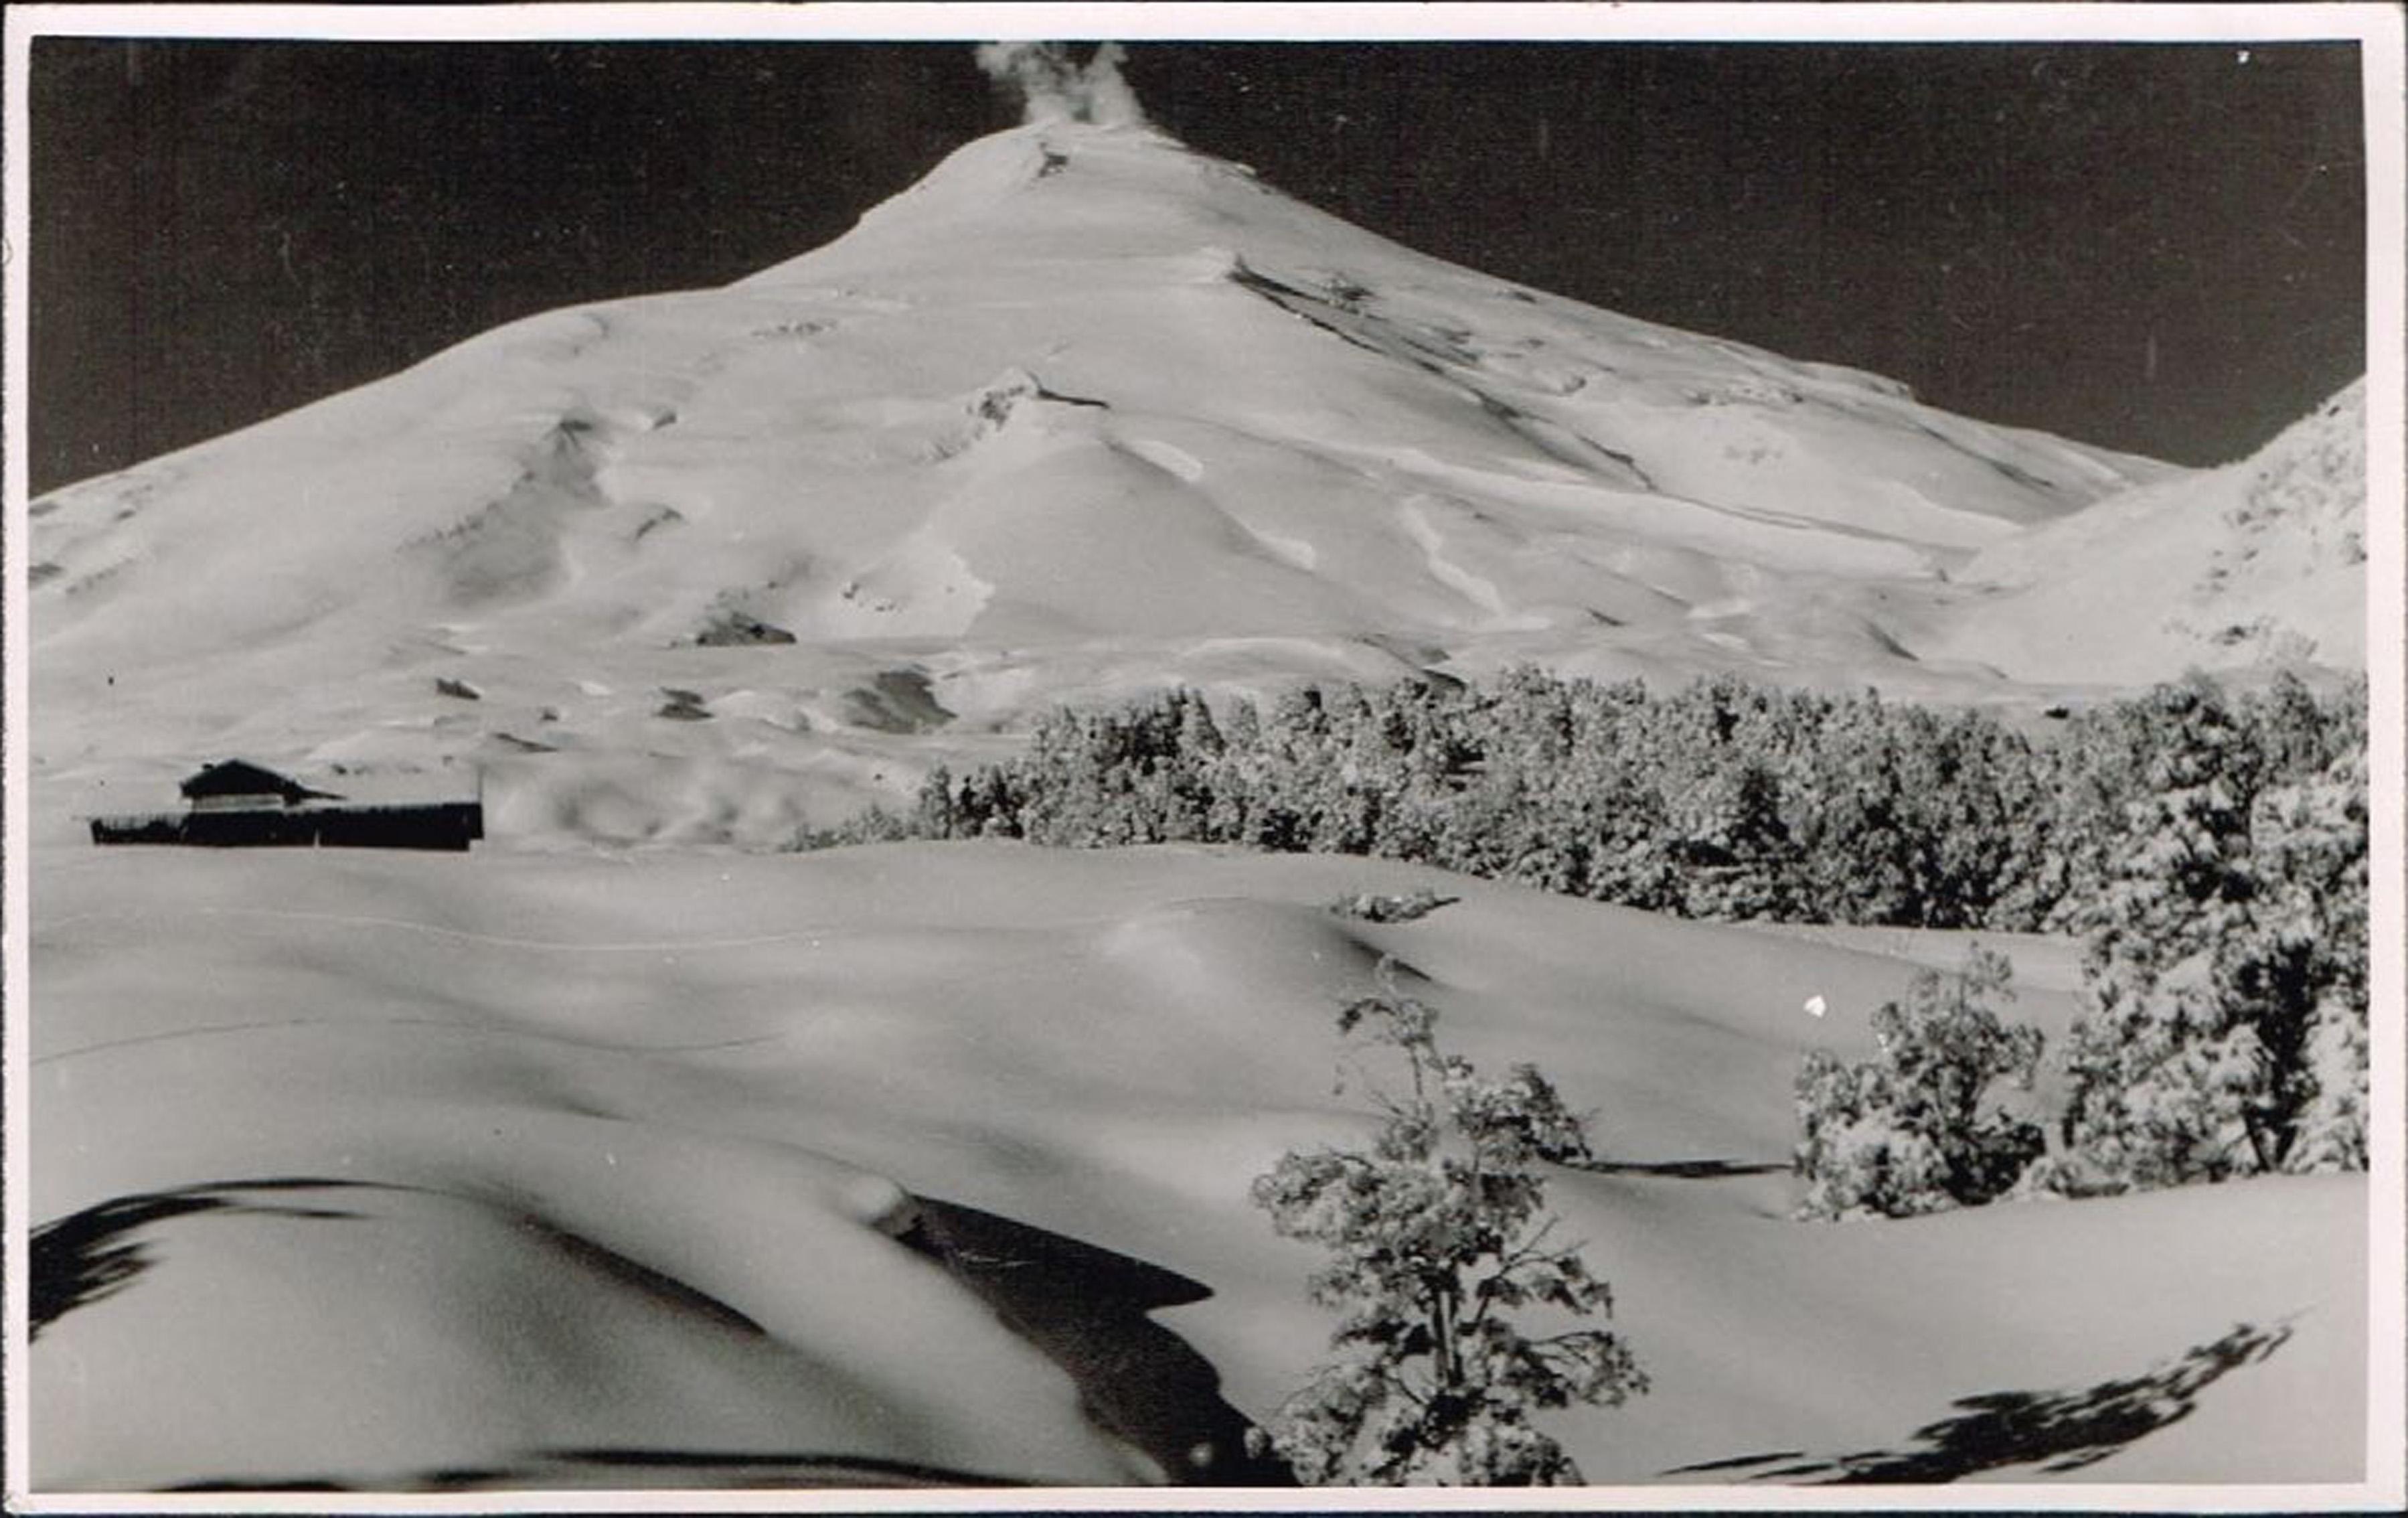 Enterreno - Fotos históricas de chile - fotos antiguas de Chile - Volcán Villarrica en invierno, 1945